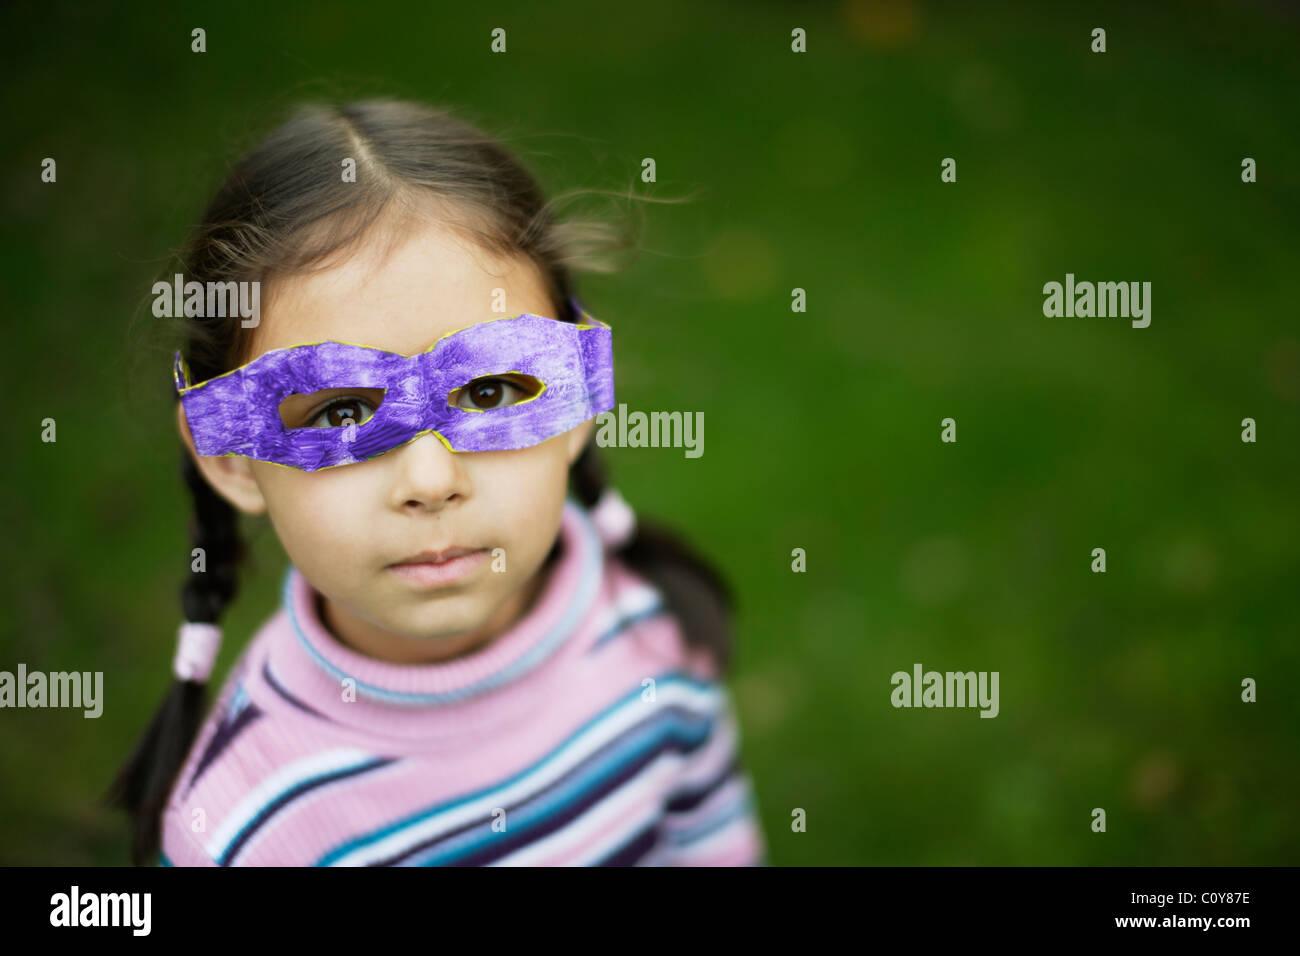 Menina com seu óculos de papelão que ela fez na escola Imagens de Stock